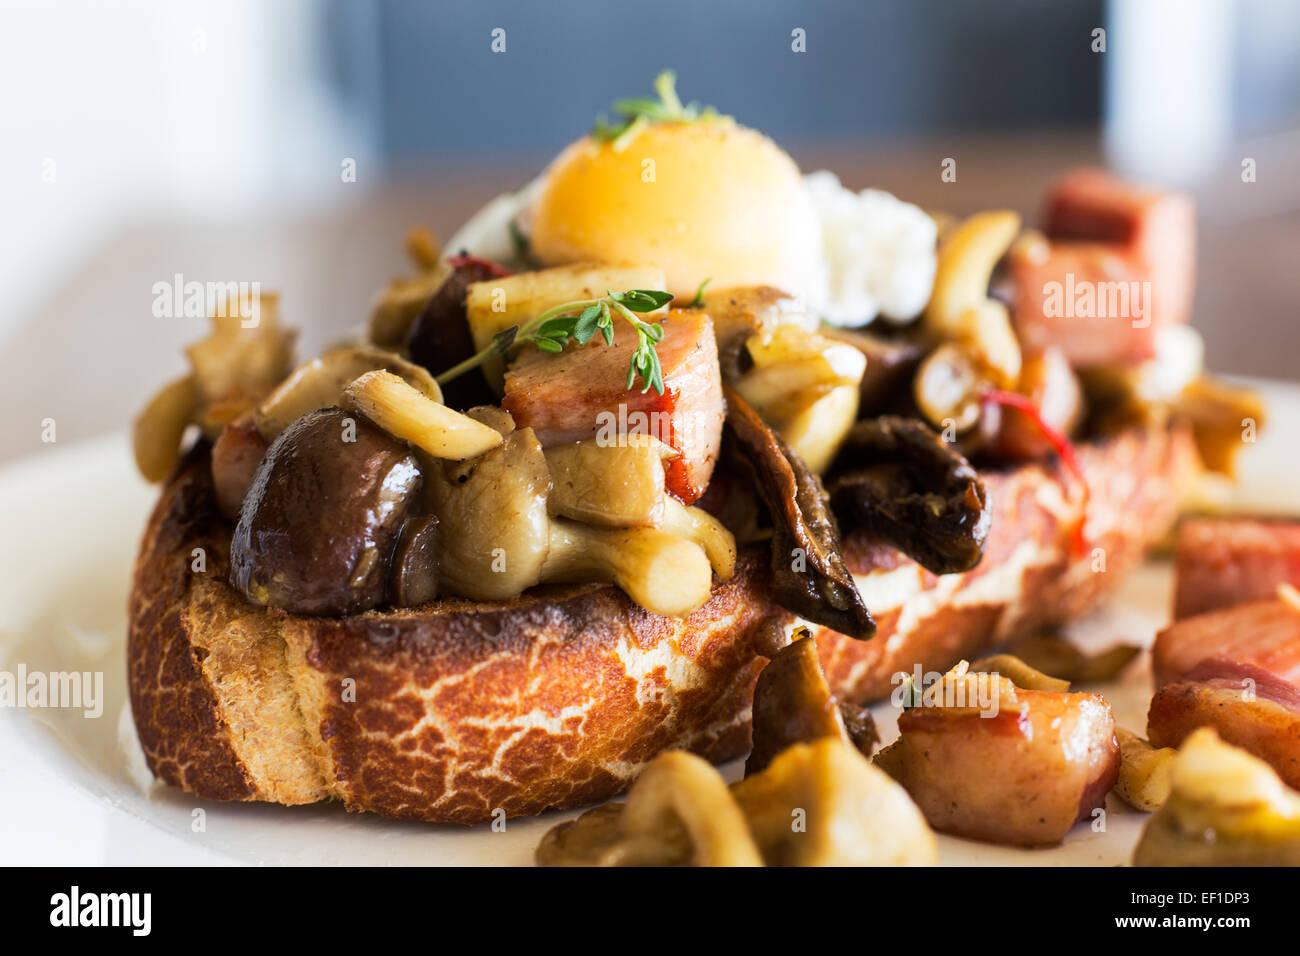 Mushrooms, Egg, bacon on toast Stock Photo, Royalty Free Image ...